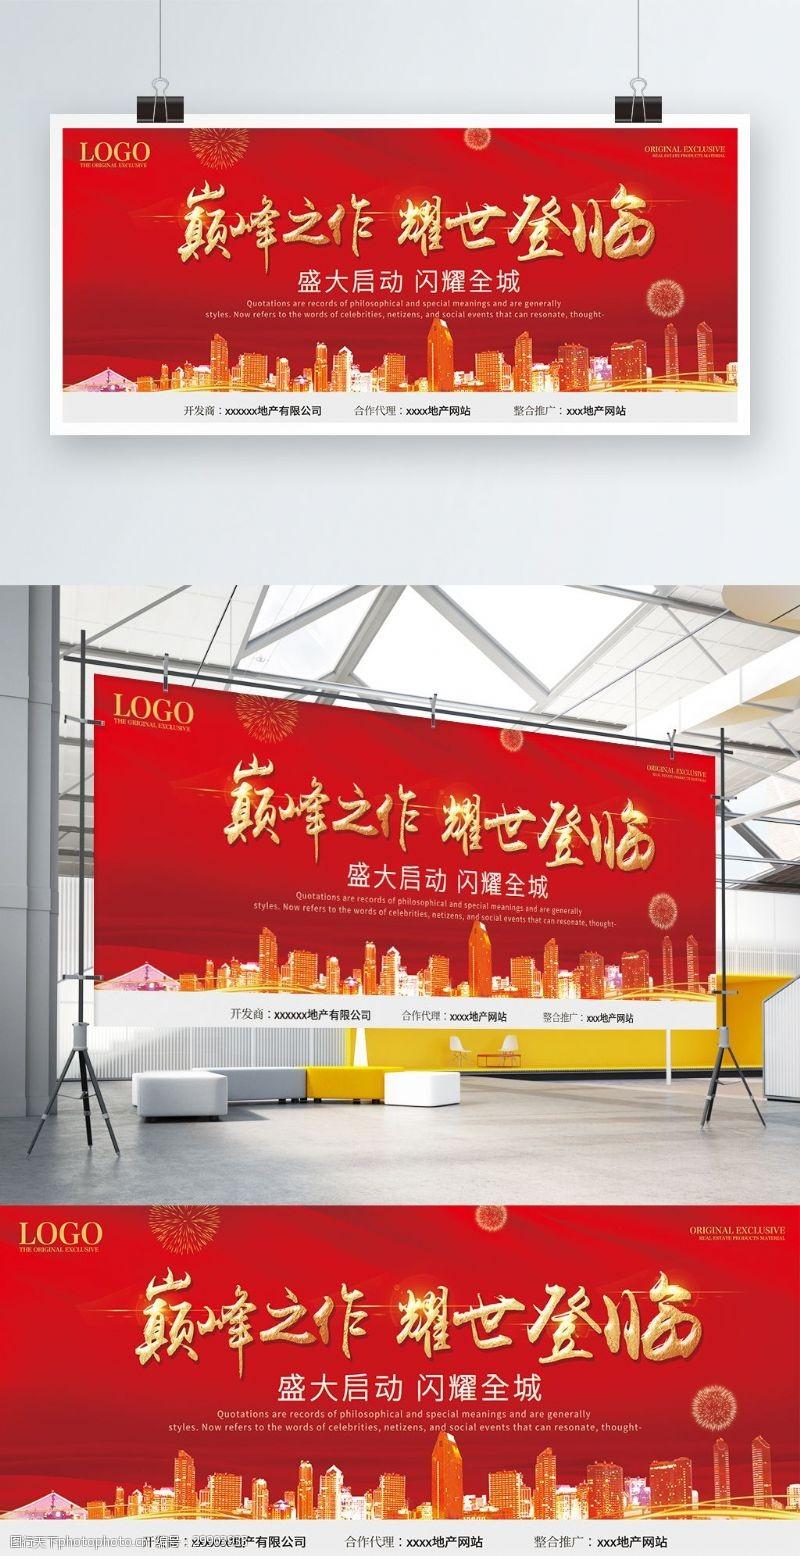 盛大启动平面高端红色创意亮金主题地产宣传海报